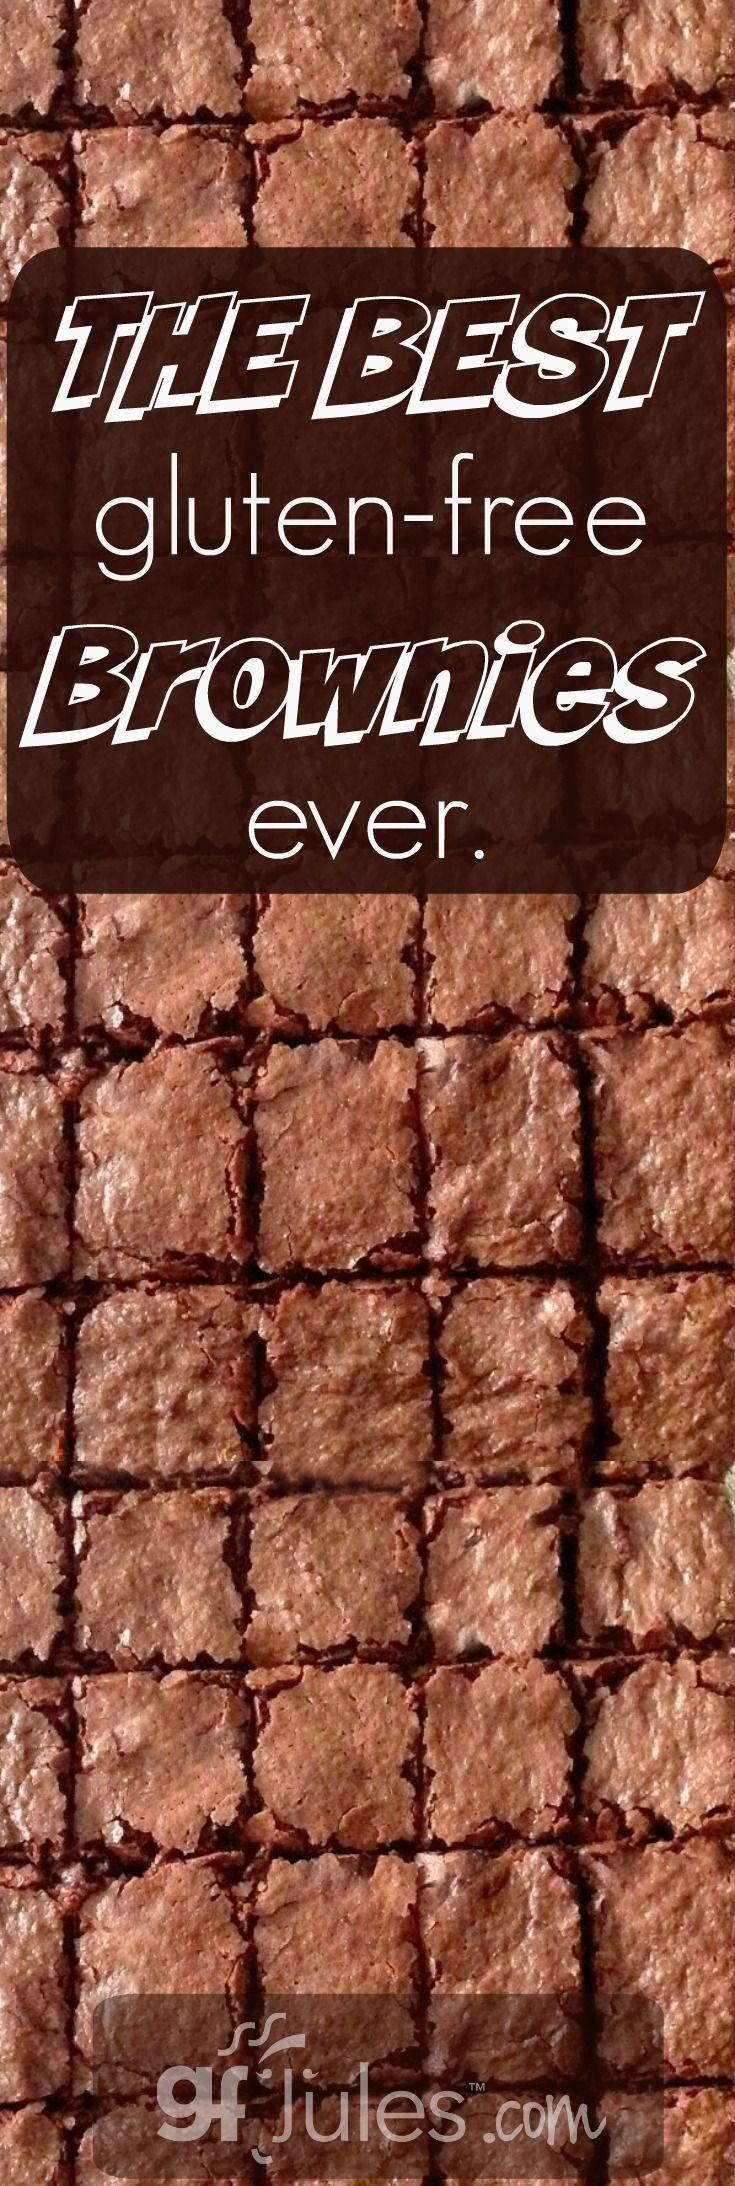 Best gluten free brownies ever recipe gluten free